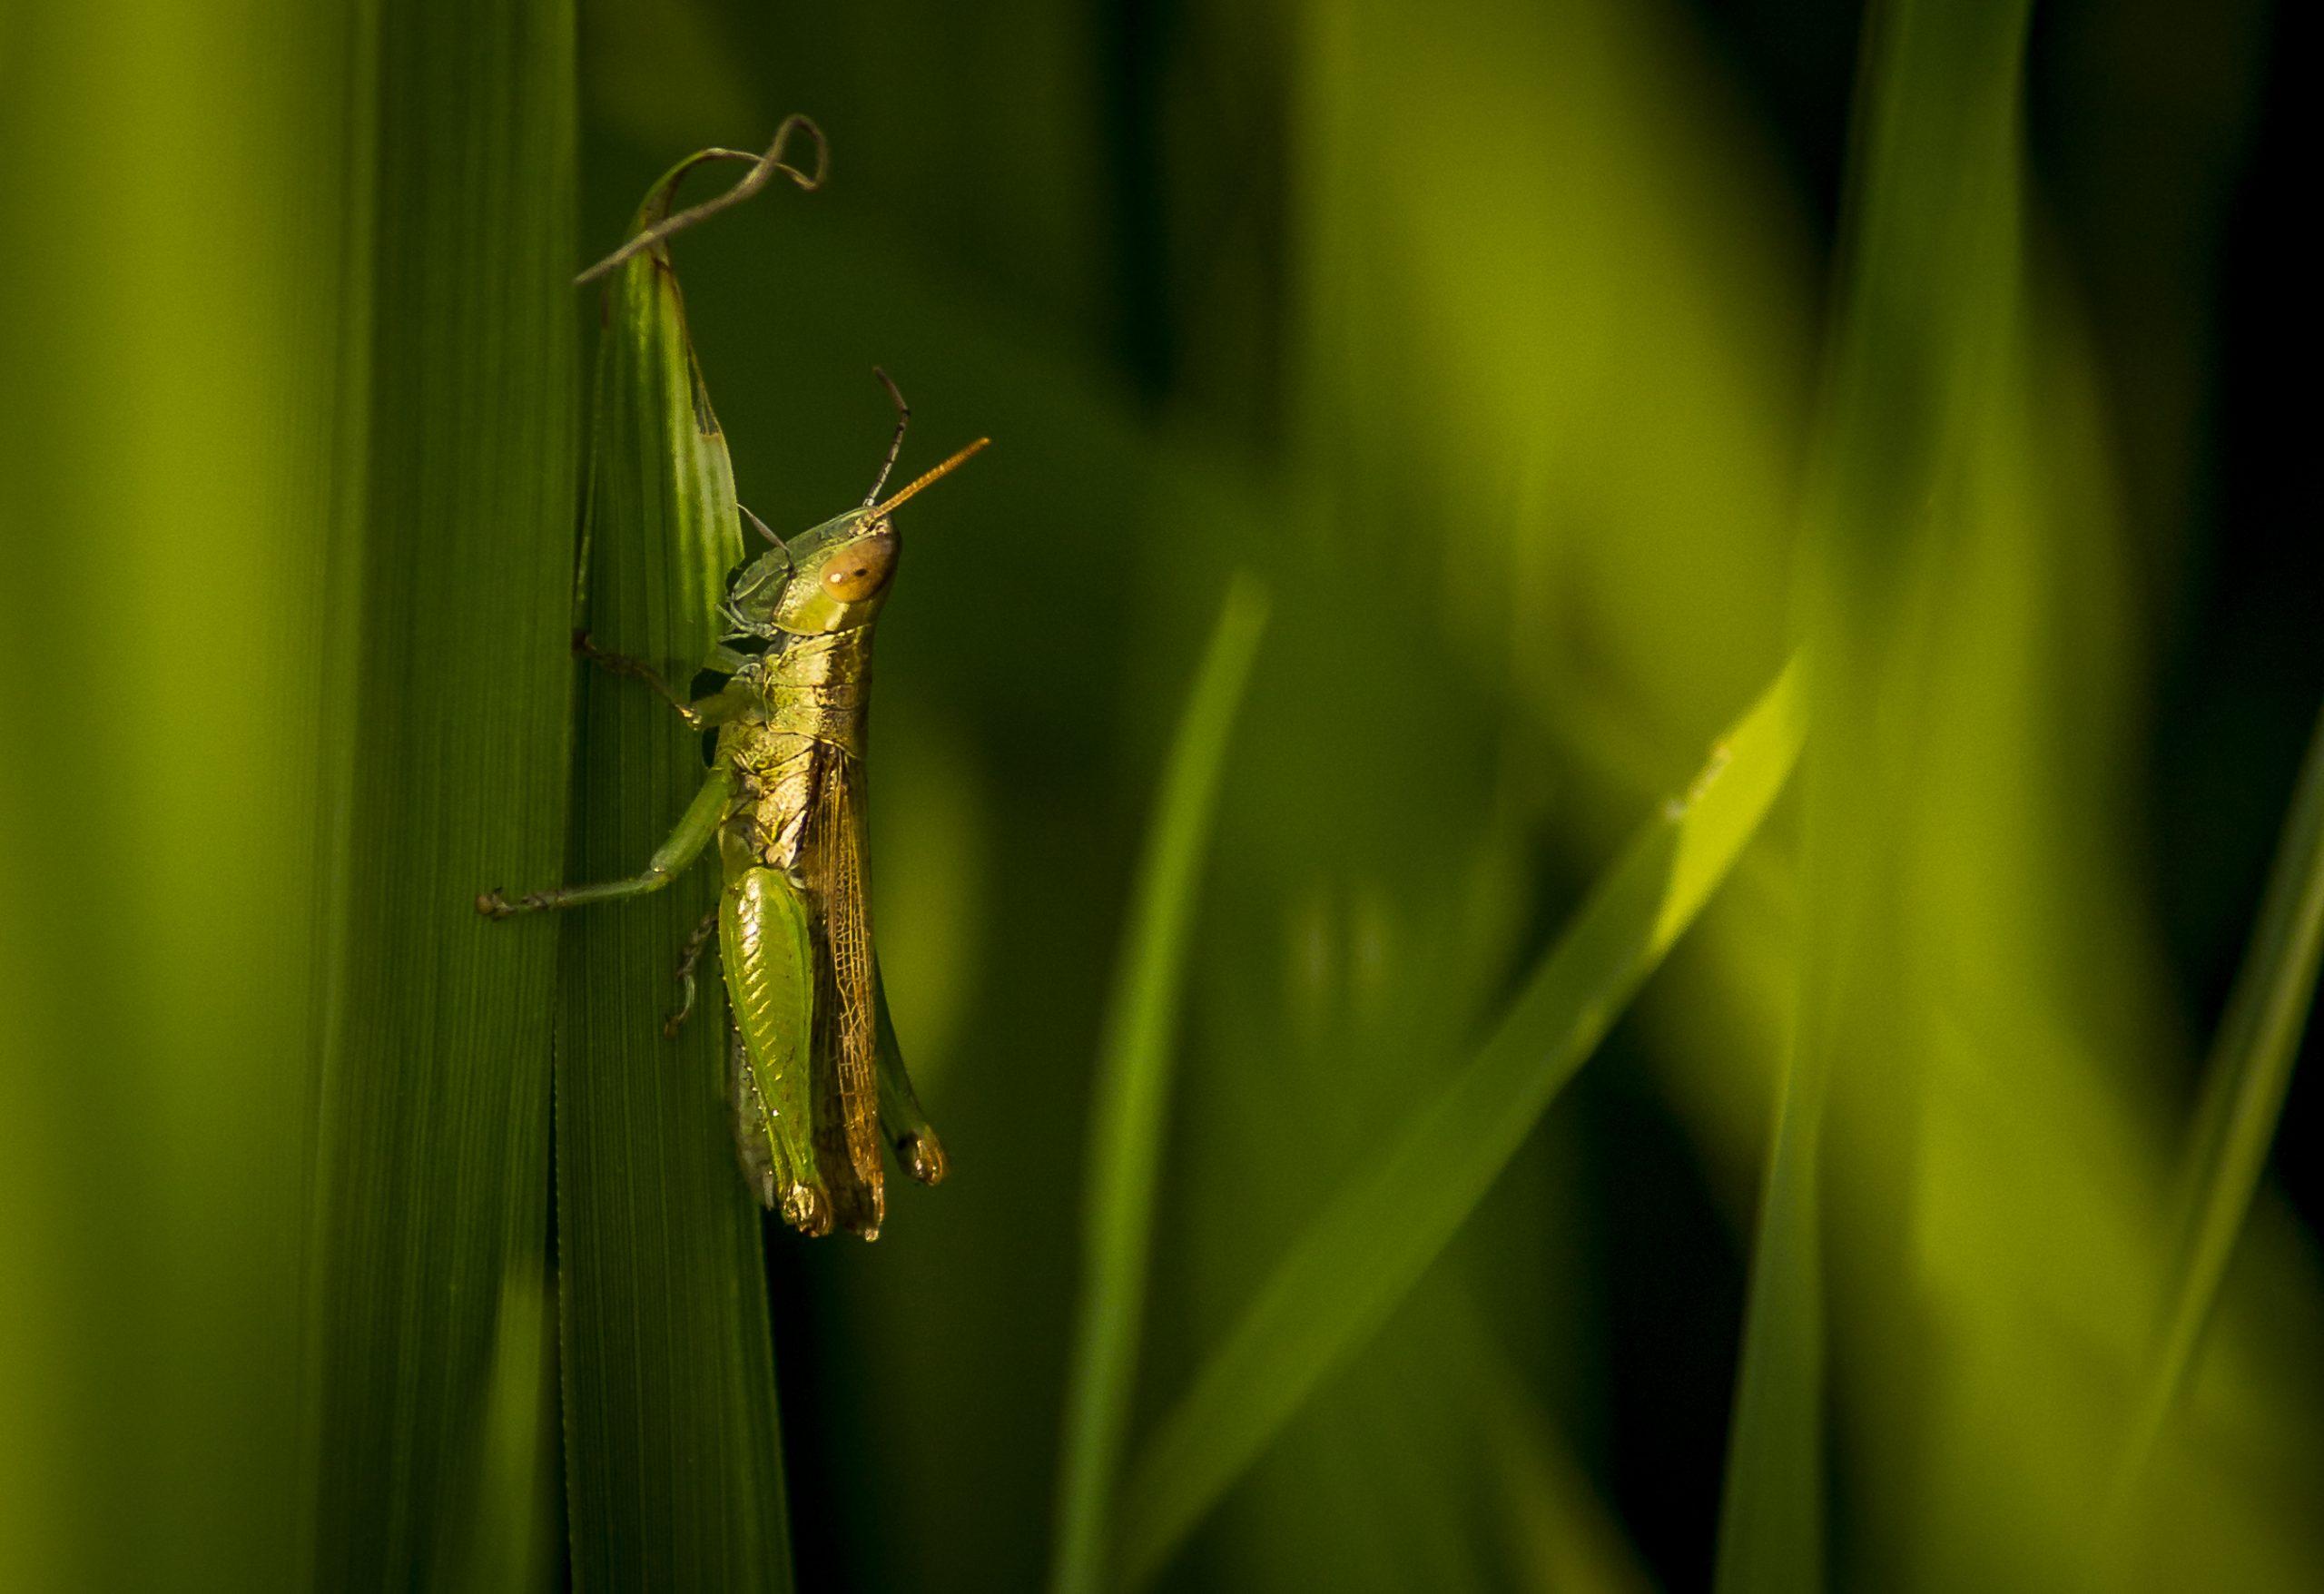 A Grasshopper on green leaf